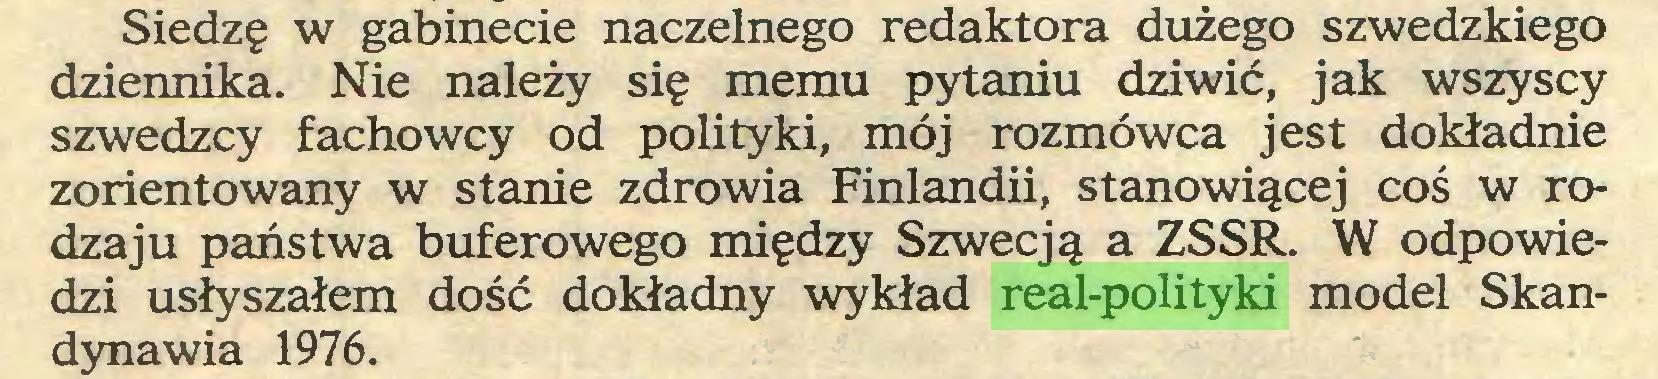 (...) Siedzę w gabinecie naczelnego redaktora dużego szwedzkiego dziennika. Nie należy się memu pytaniu dziwić, jak wszyscy szwedzcy fachowcy od polityki, mój rozmówca jest dokładnie zorientowany w stanie zdrowia Finlandii, stanowiącej coś w rodzaju państwa buferowego między Szwecją a ZSSR. W odpowiedzi usłyszałem dość dokładny wykład real-polityki model Skandynawia 1976...